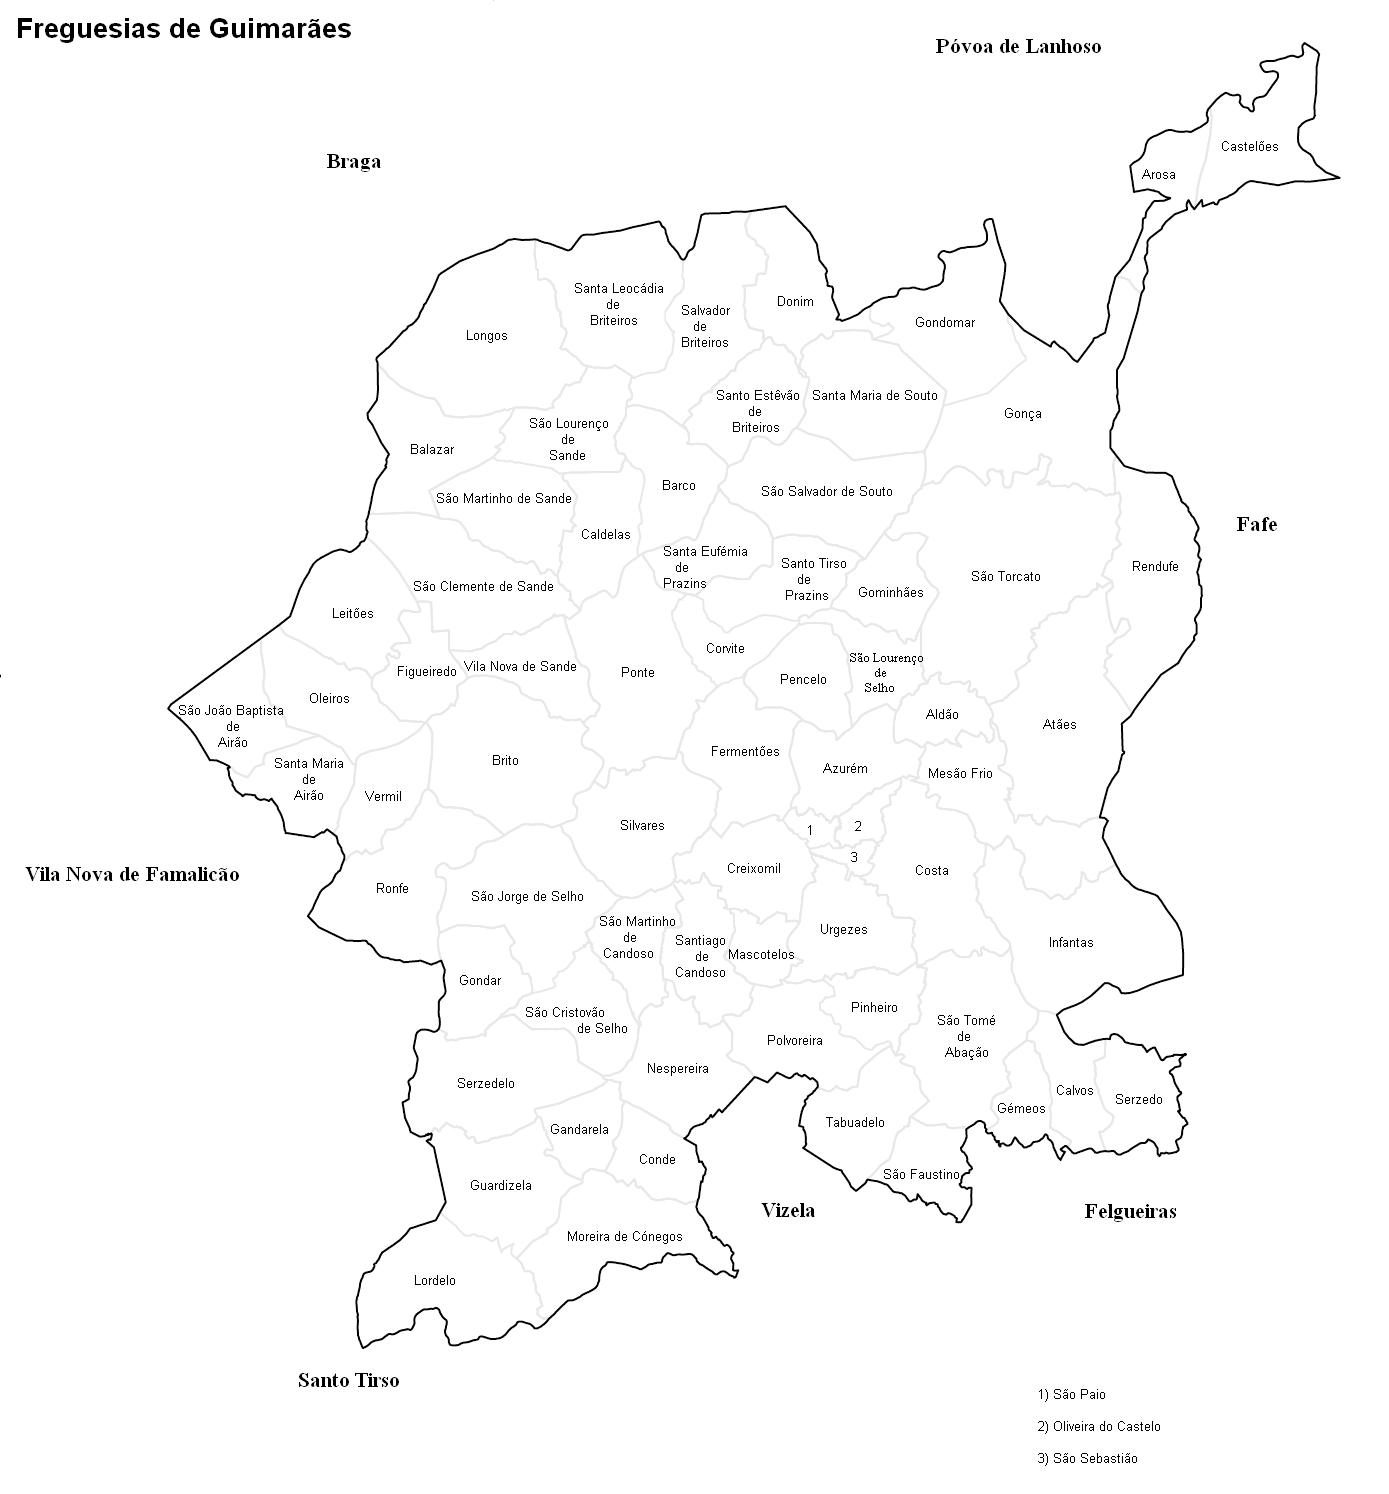 freguesias de guimaraes mapa File:GMR mapa freguesias.PNG   Wikimedia Commons freguesias de guimaraes mapa